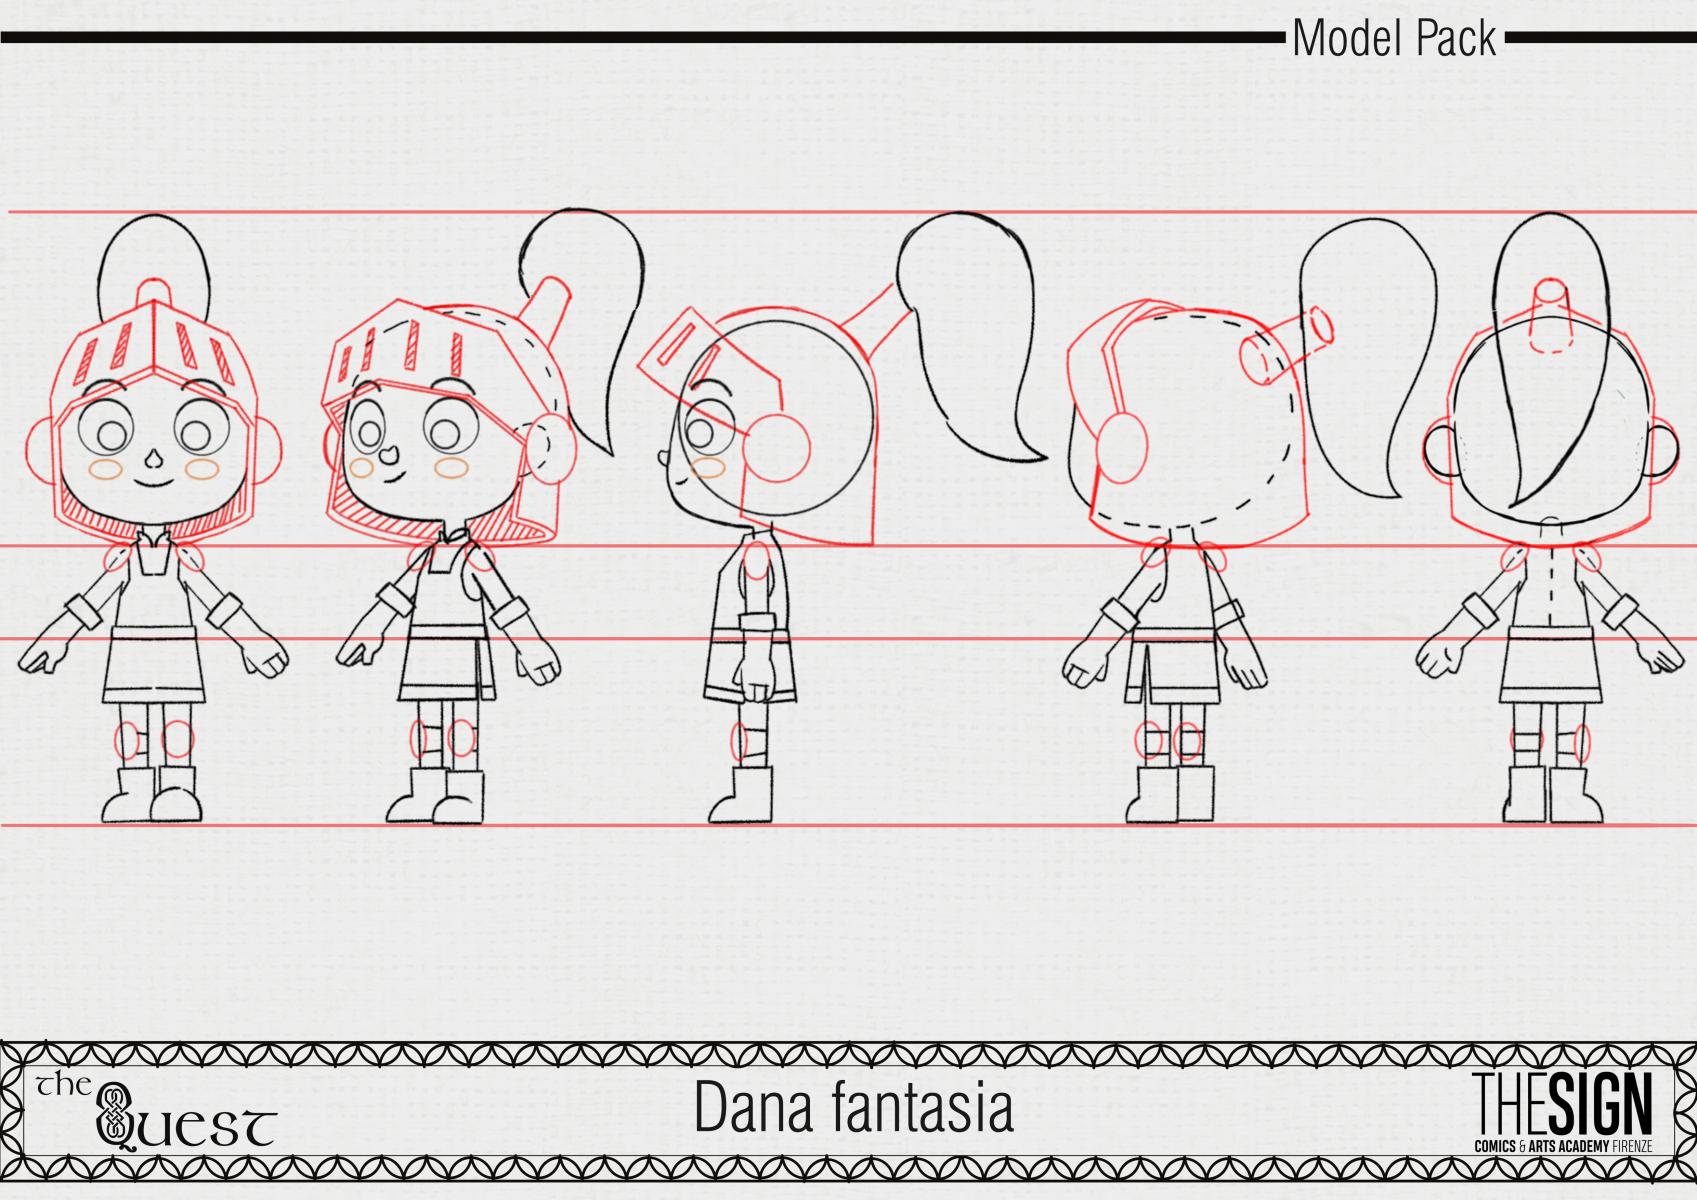 Dana-Fantasia-Model